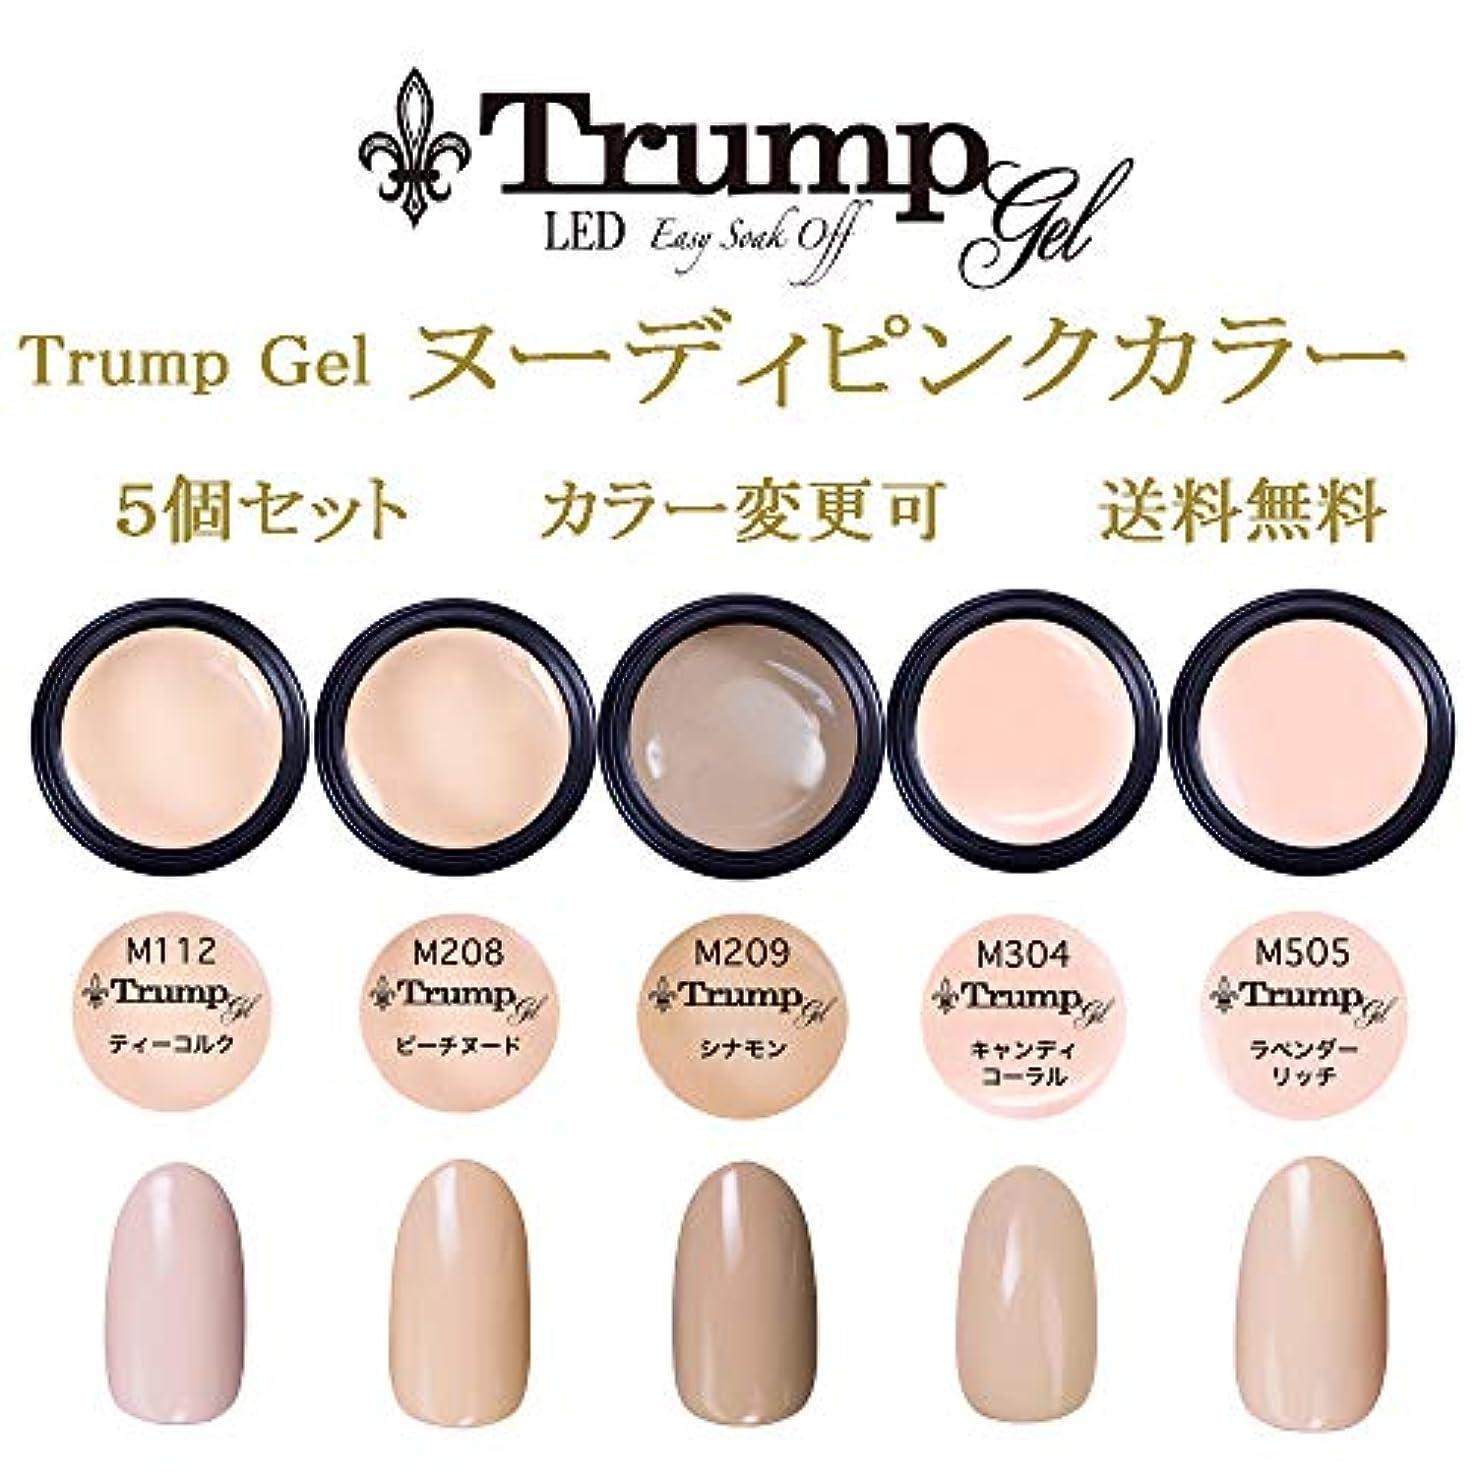 に一貫した私たちの日本製 Trump gel トランプジェル ヌーディピンク 選べる カラージェル 5個セット ピンク ベージュ ヌーディカラー